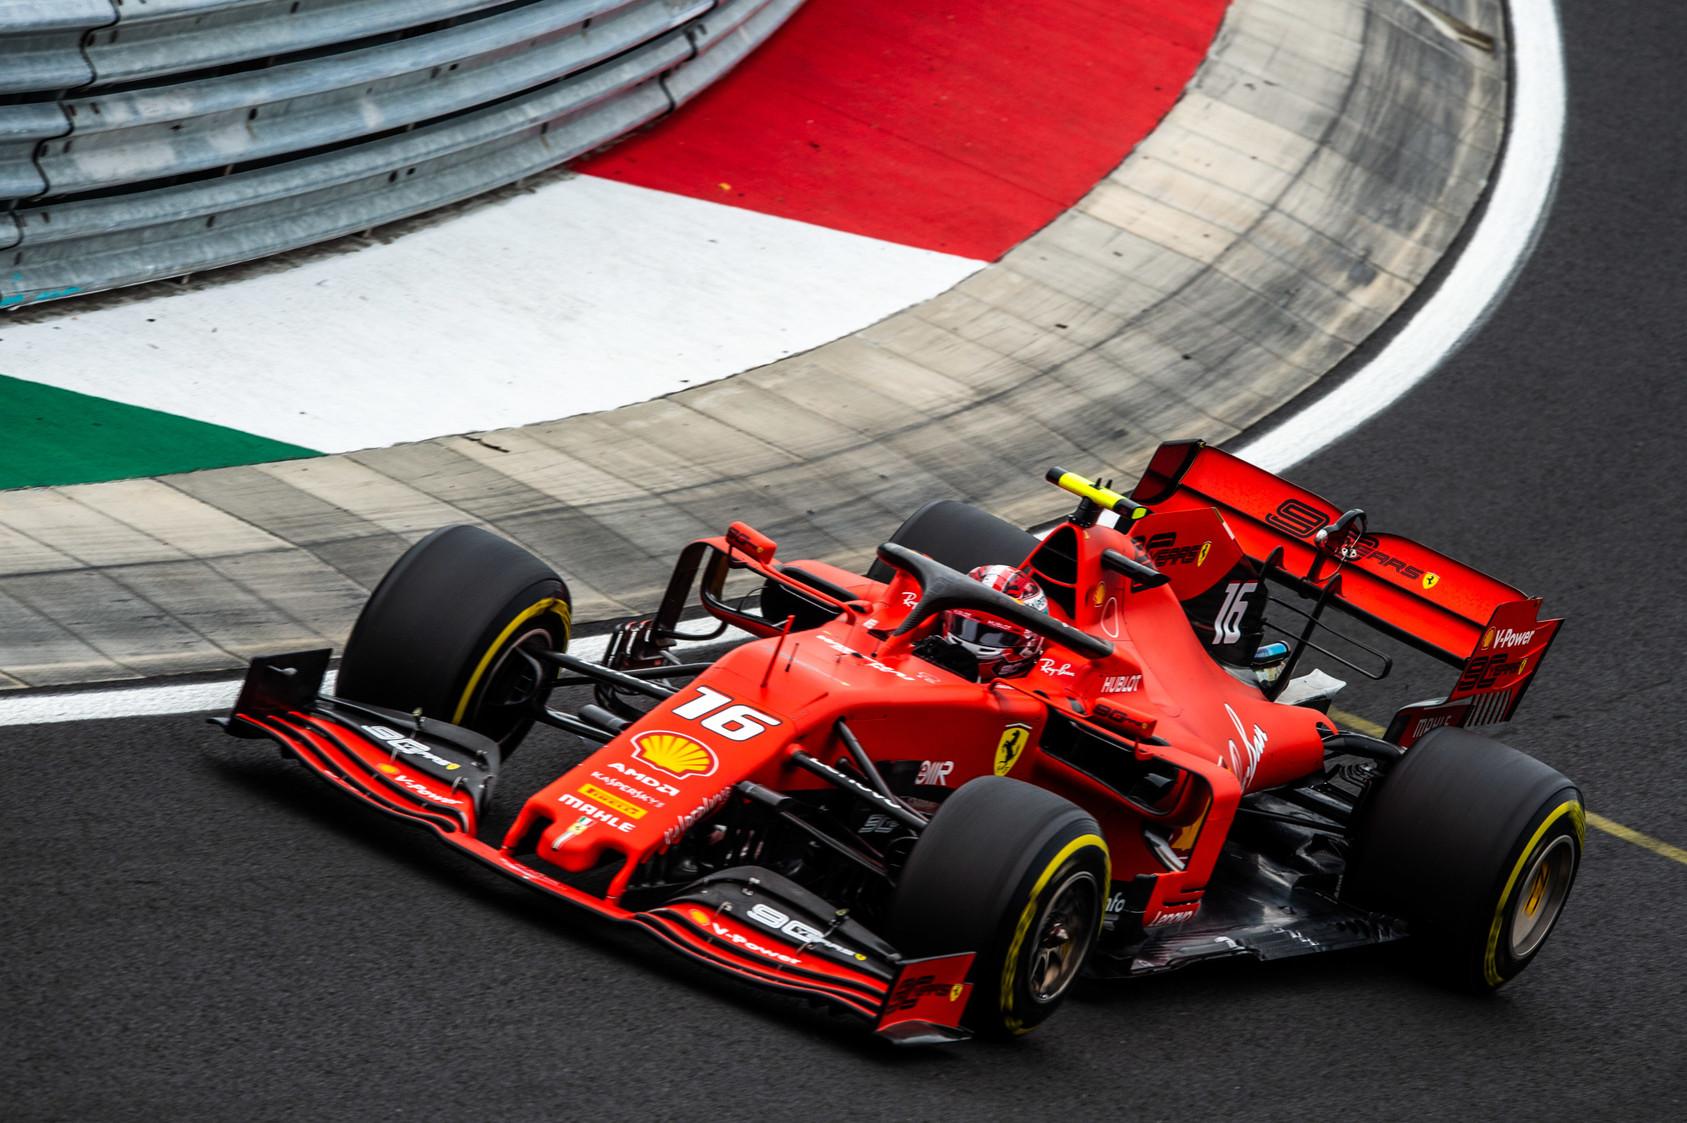 Ketvirtą vietą iškovojęs C. Leclercas: man labai pasisekė